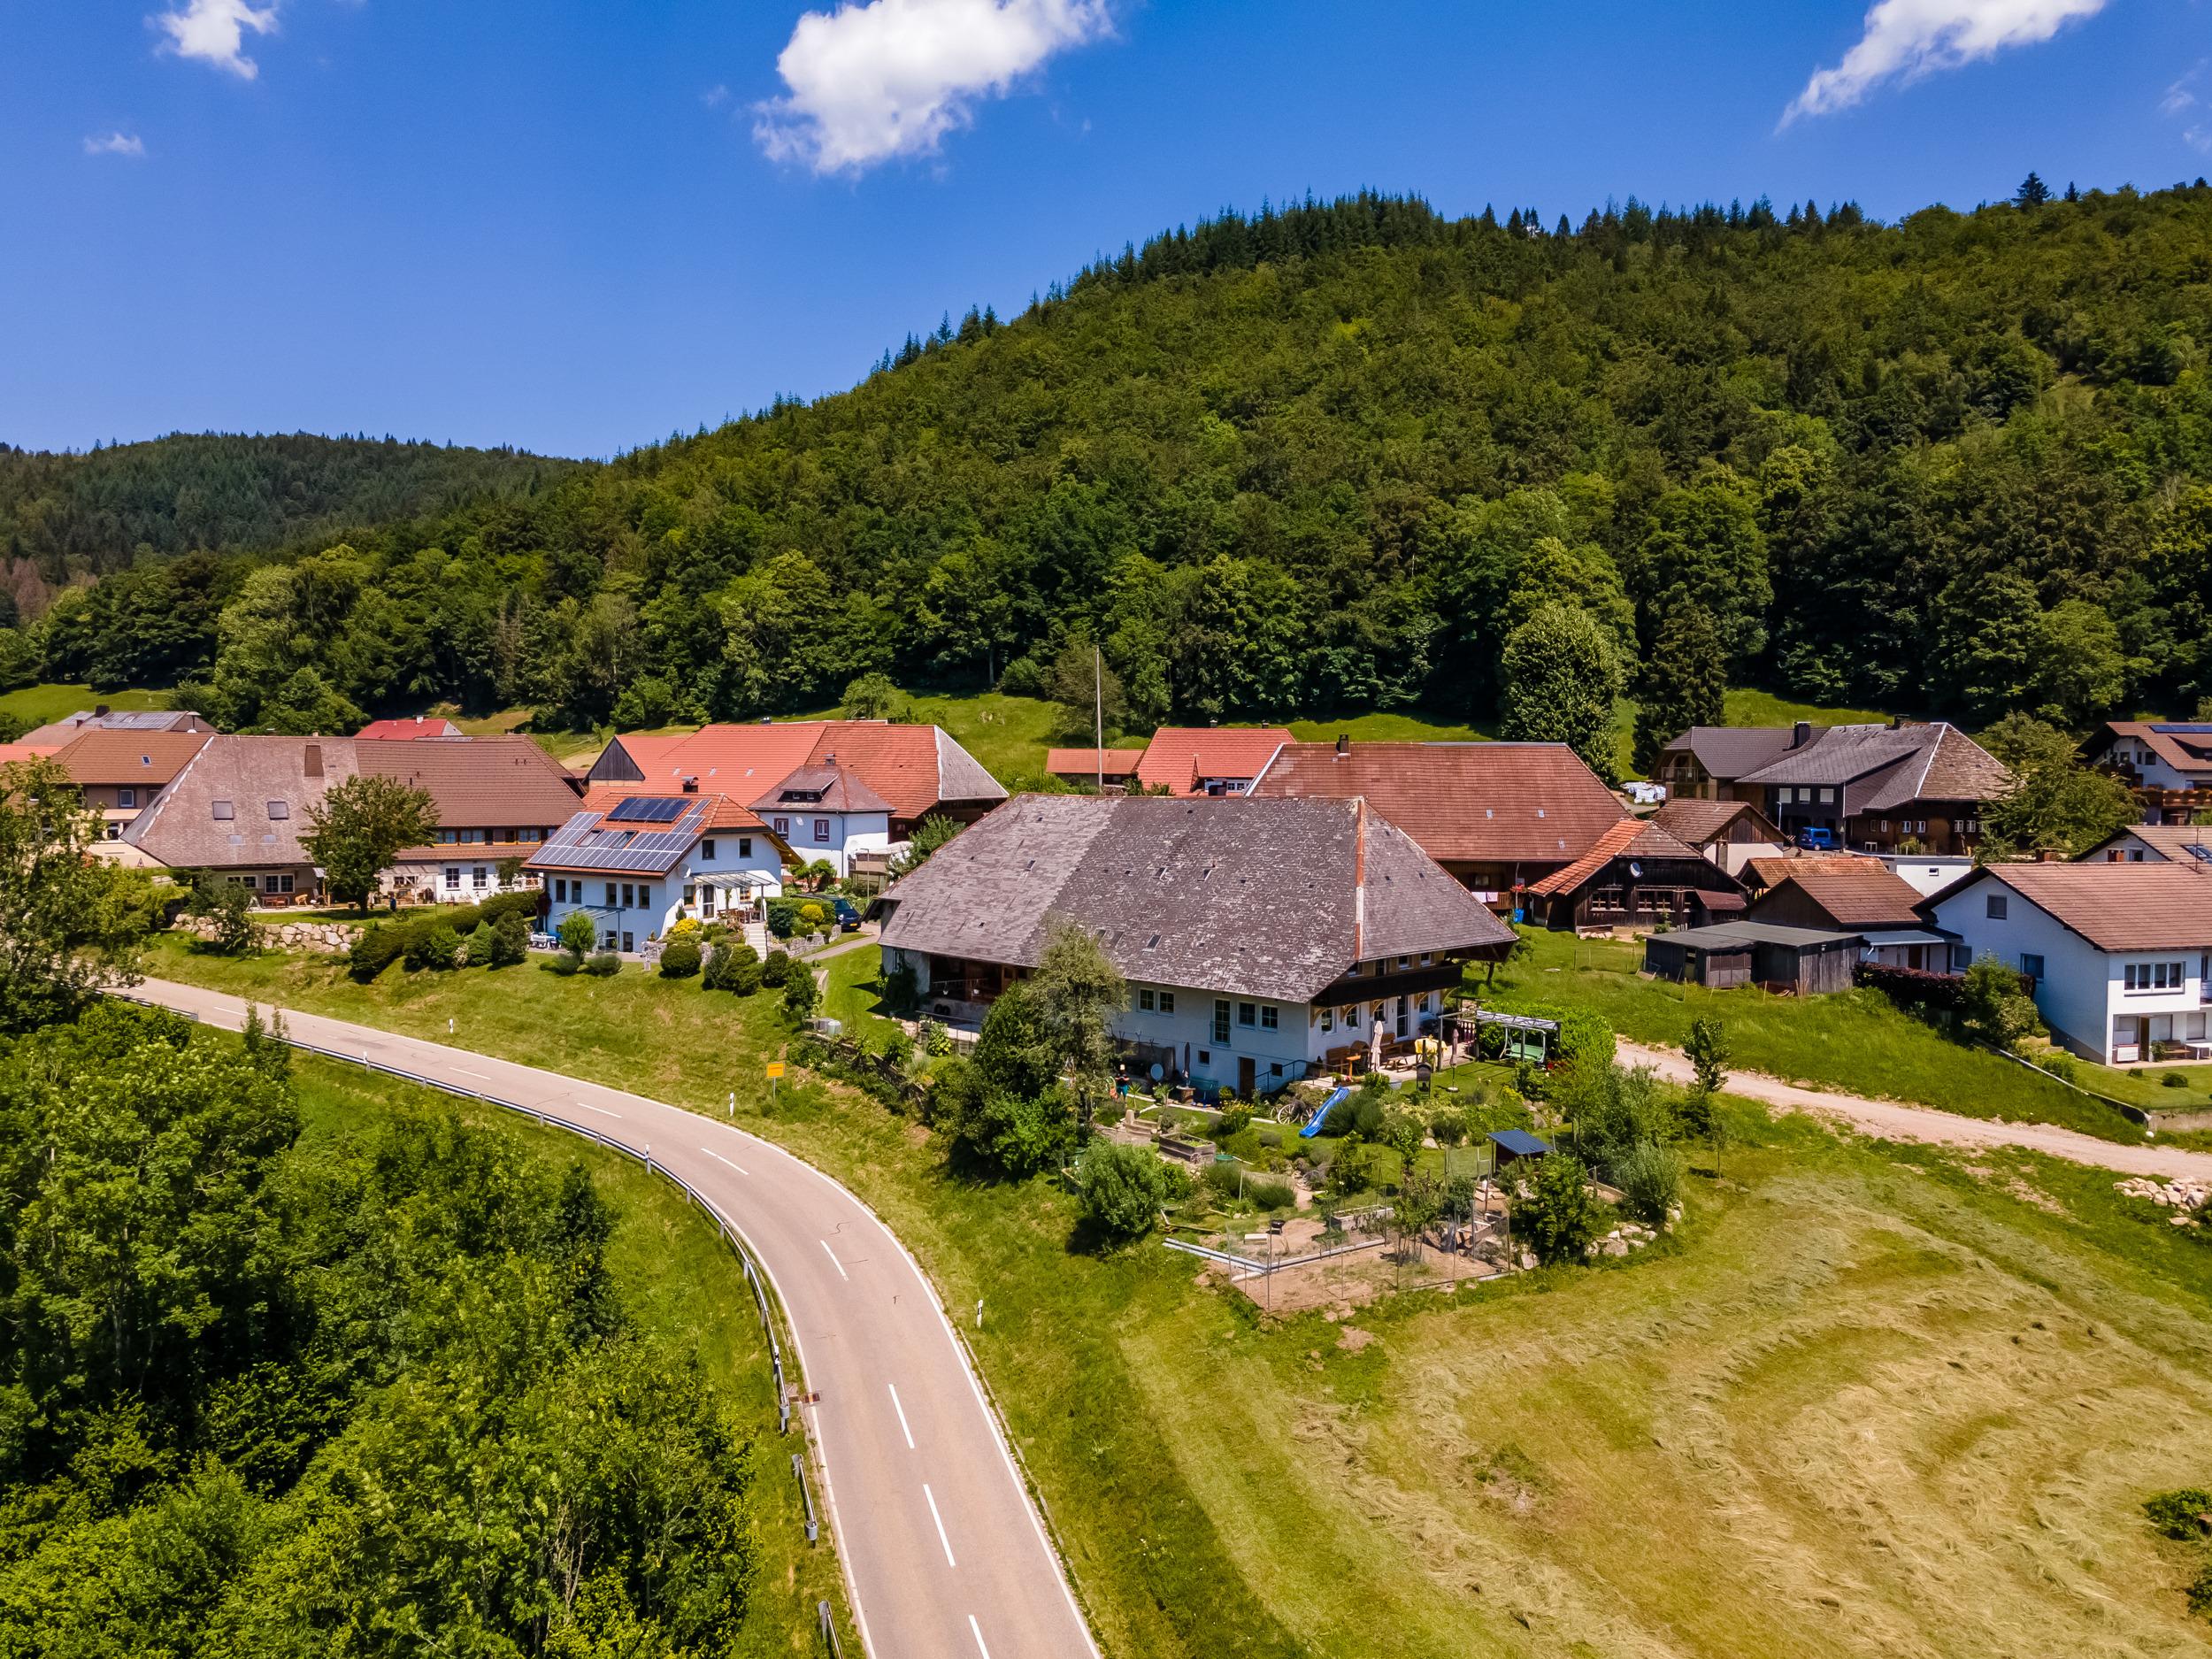 Ferienwohnung Belchenliebe (2792764), Schönenberg, Schwarzwald, Baden-Württemberg, Deutschland, Bild 23